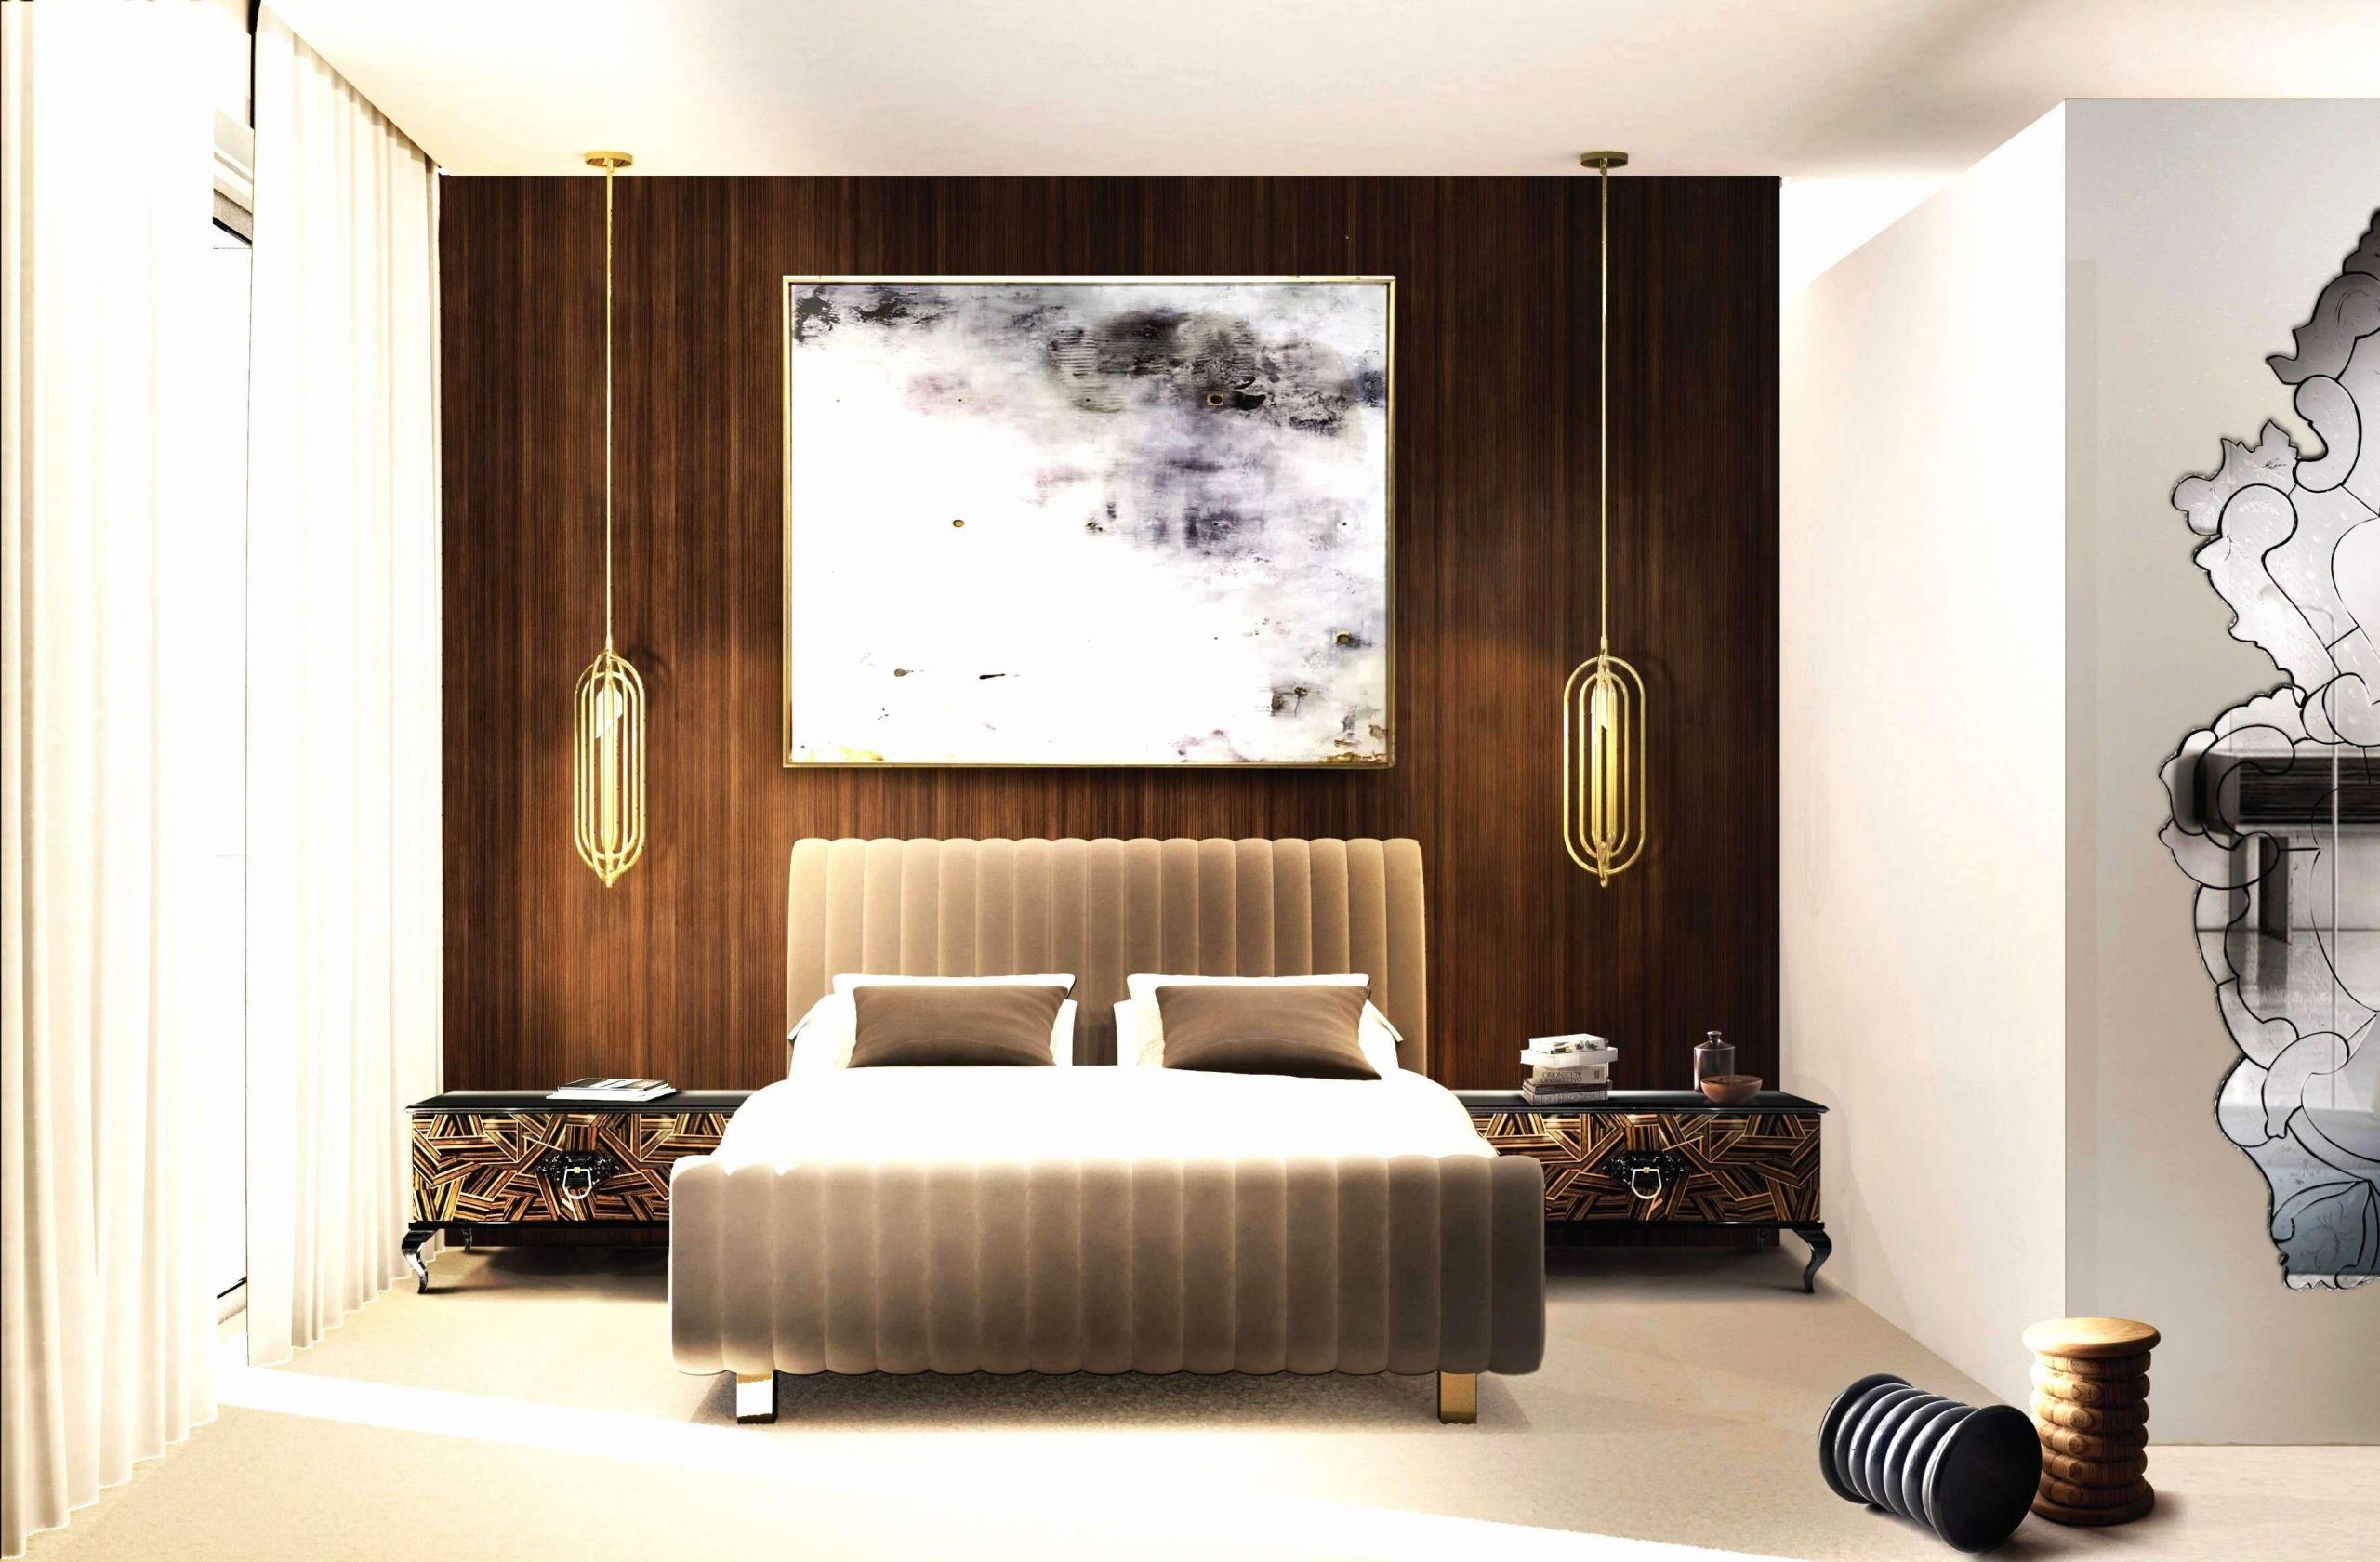 moderner landhausstil wohnzimmer luxus wohnzimmer ideen landhausstil luxus 39 einzigartig moderner of moderner landhausstil wohnzimmer